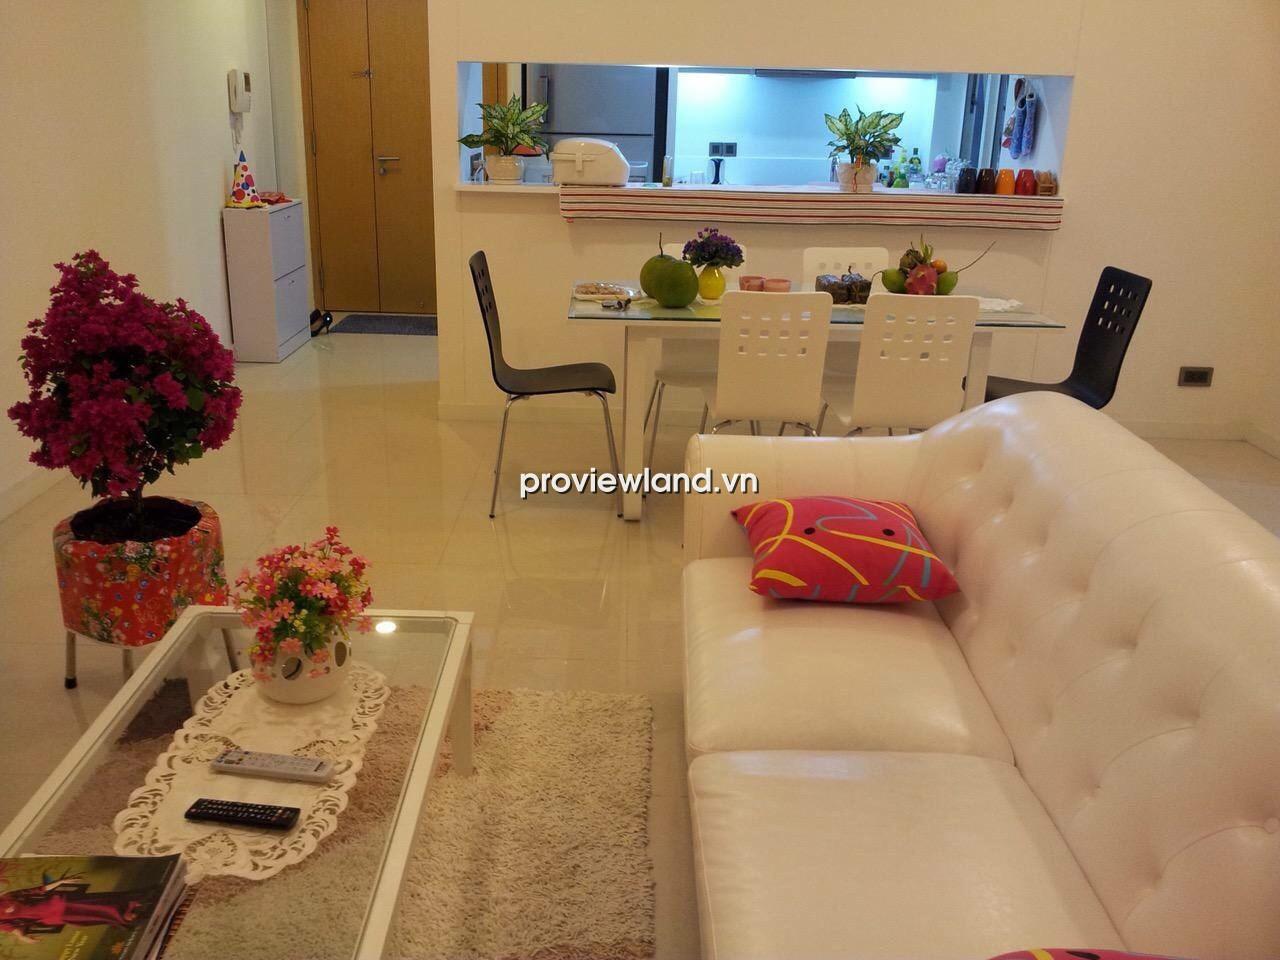 Căn hộ Estella quận 2 tầng thấp DT 110m2 2PN có ban công lớn đầy đủ nội thất cần cho thuê